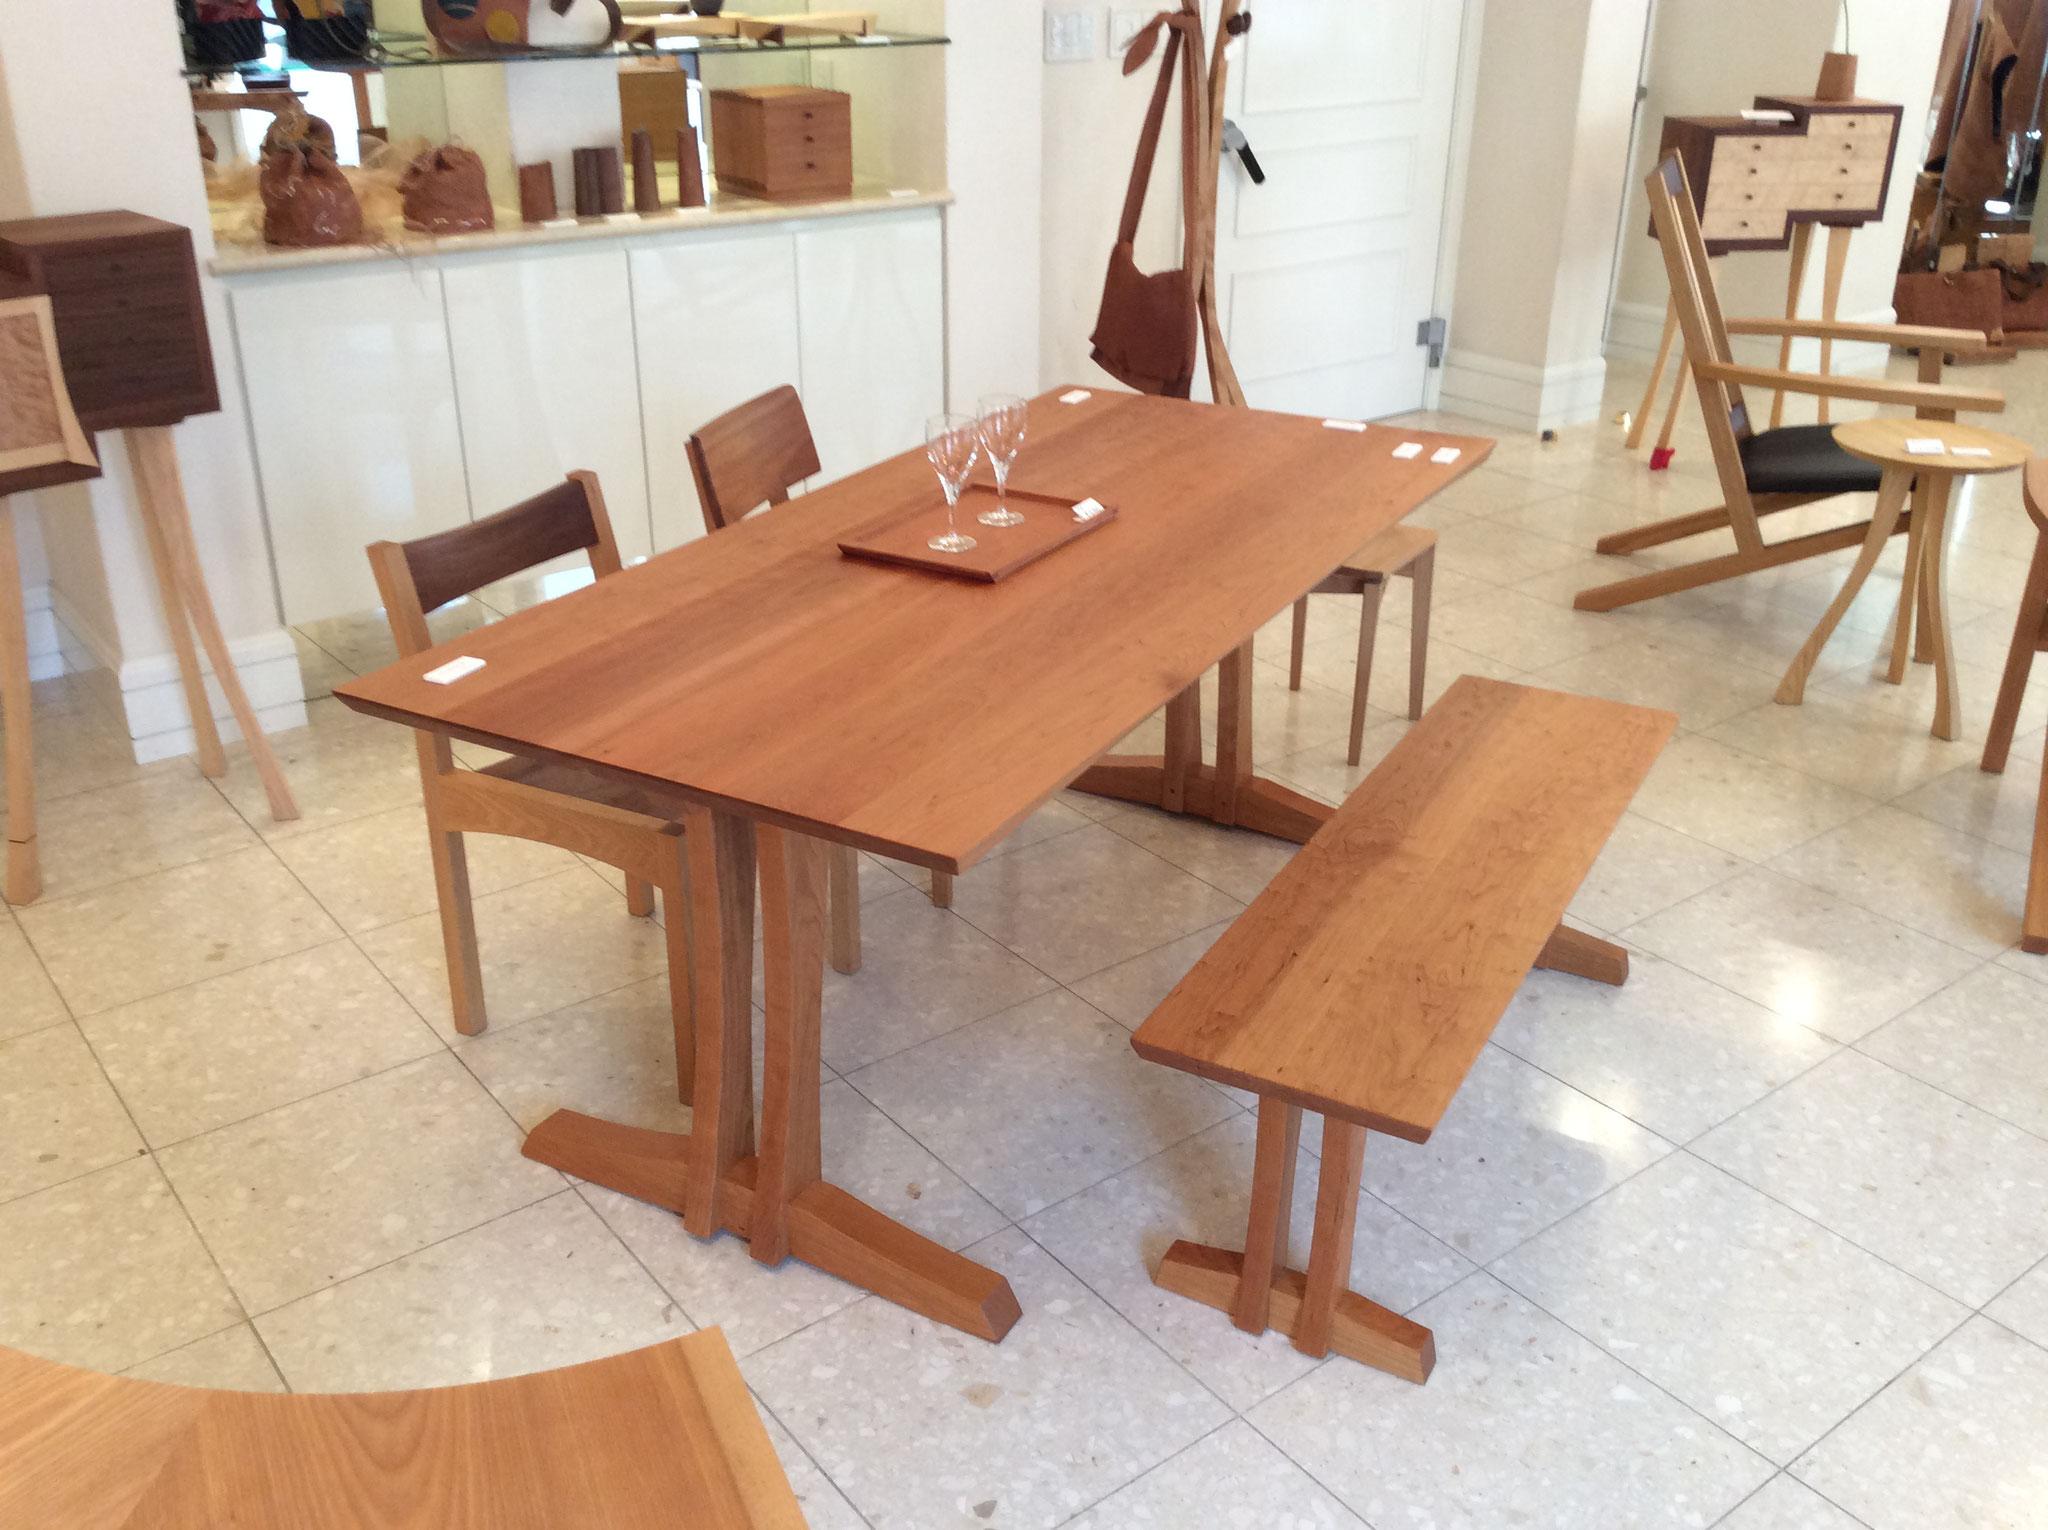 ダイニングテーブルとベンチ、椅子の組みあわせ。/八ヶ岳の家具工房ZEROSSOの創作家具